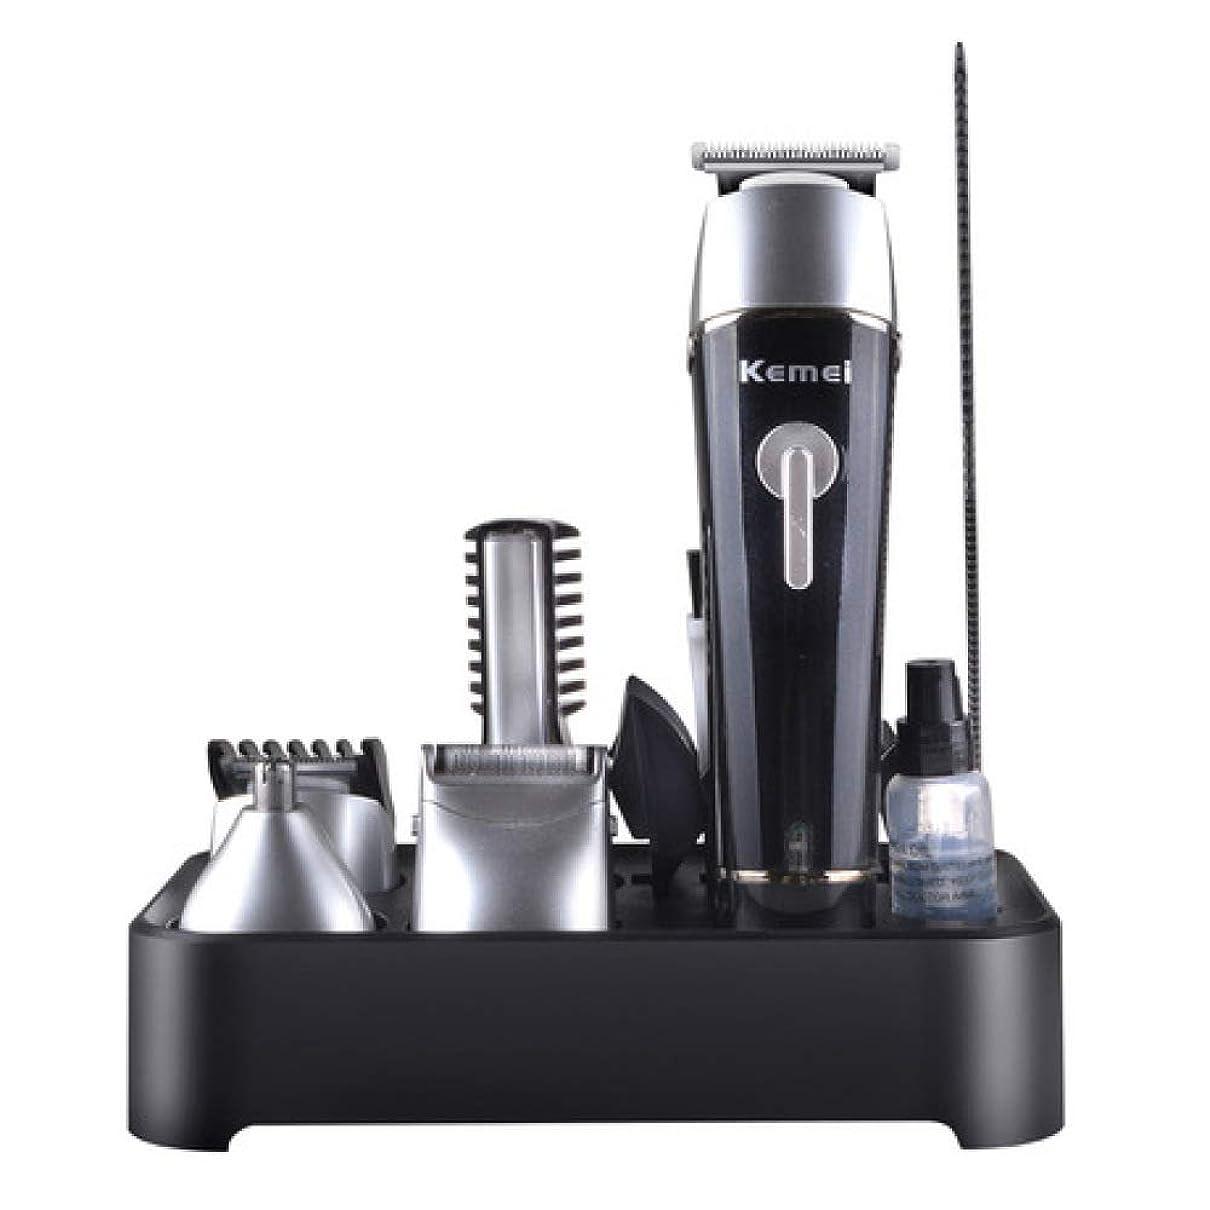 パパオリエント値するQINJLI 電気髪クリッパー鼻ナイフ剃刀シェーバー多 function スーツ体を洗う基本 16 * 3.5 cm を充電